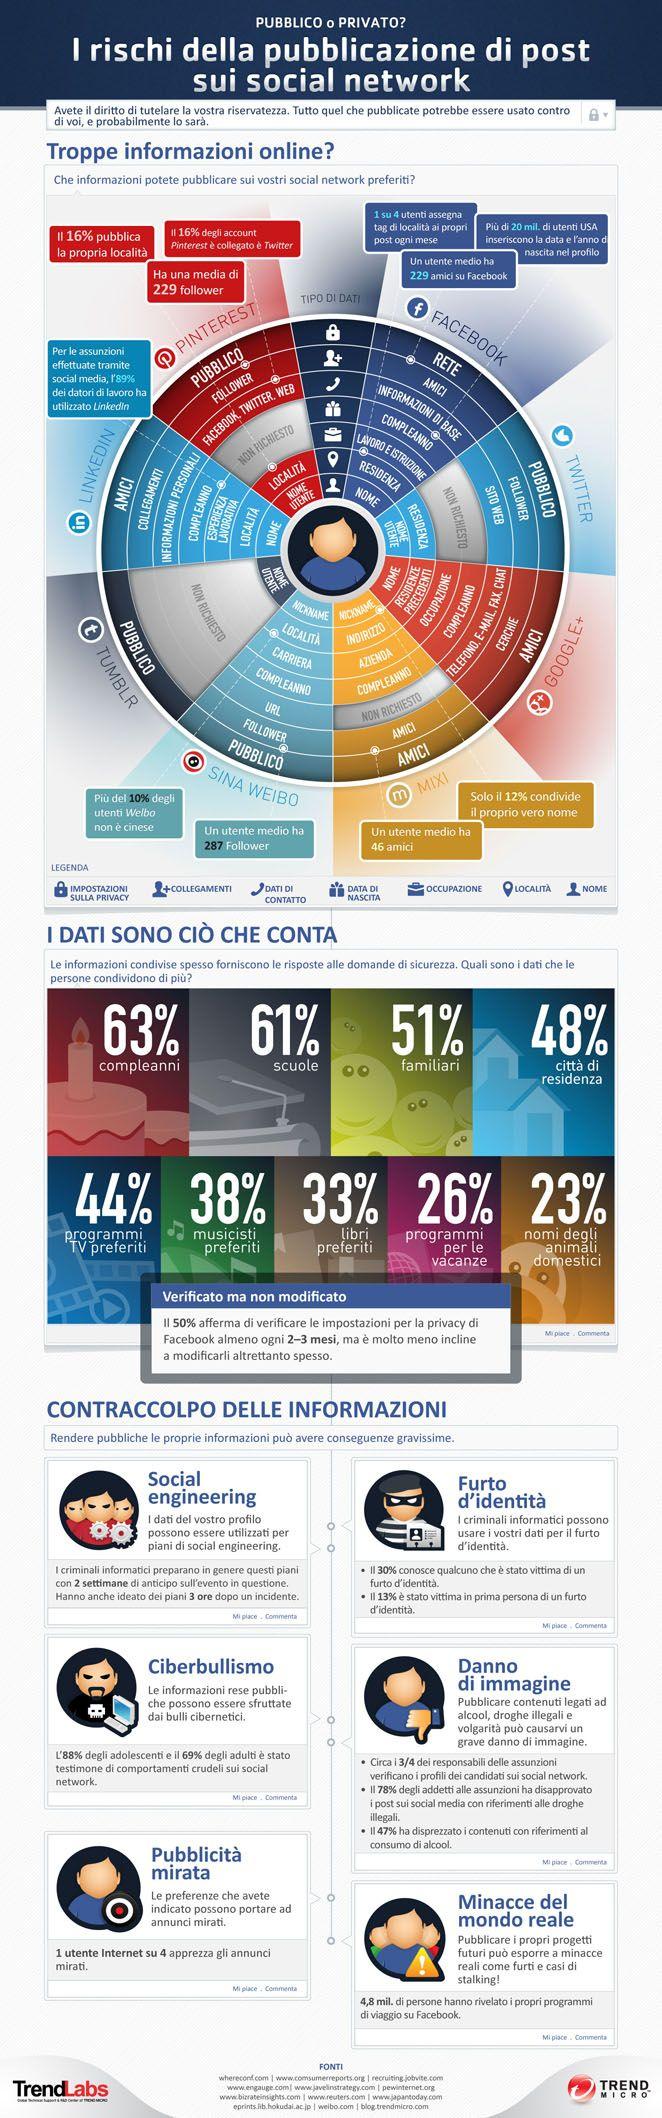 I rischi della pubblicazione di post sui social-network: Social Network, Media Infographic